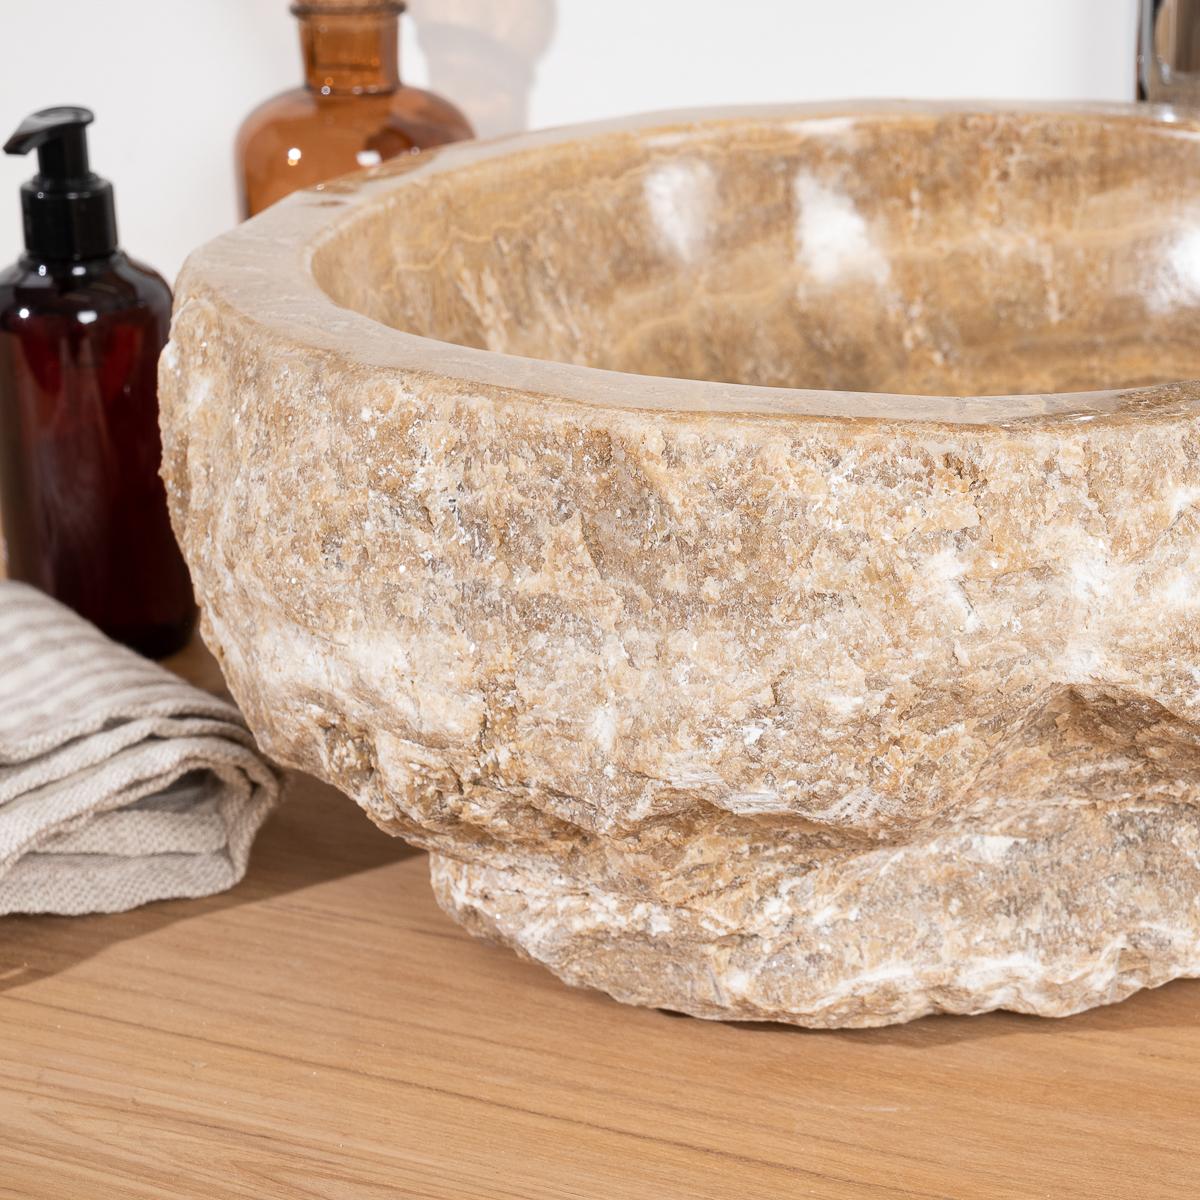 Onyx Stone Countertop Sink L 30 35 Cm